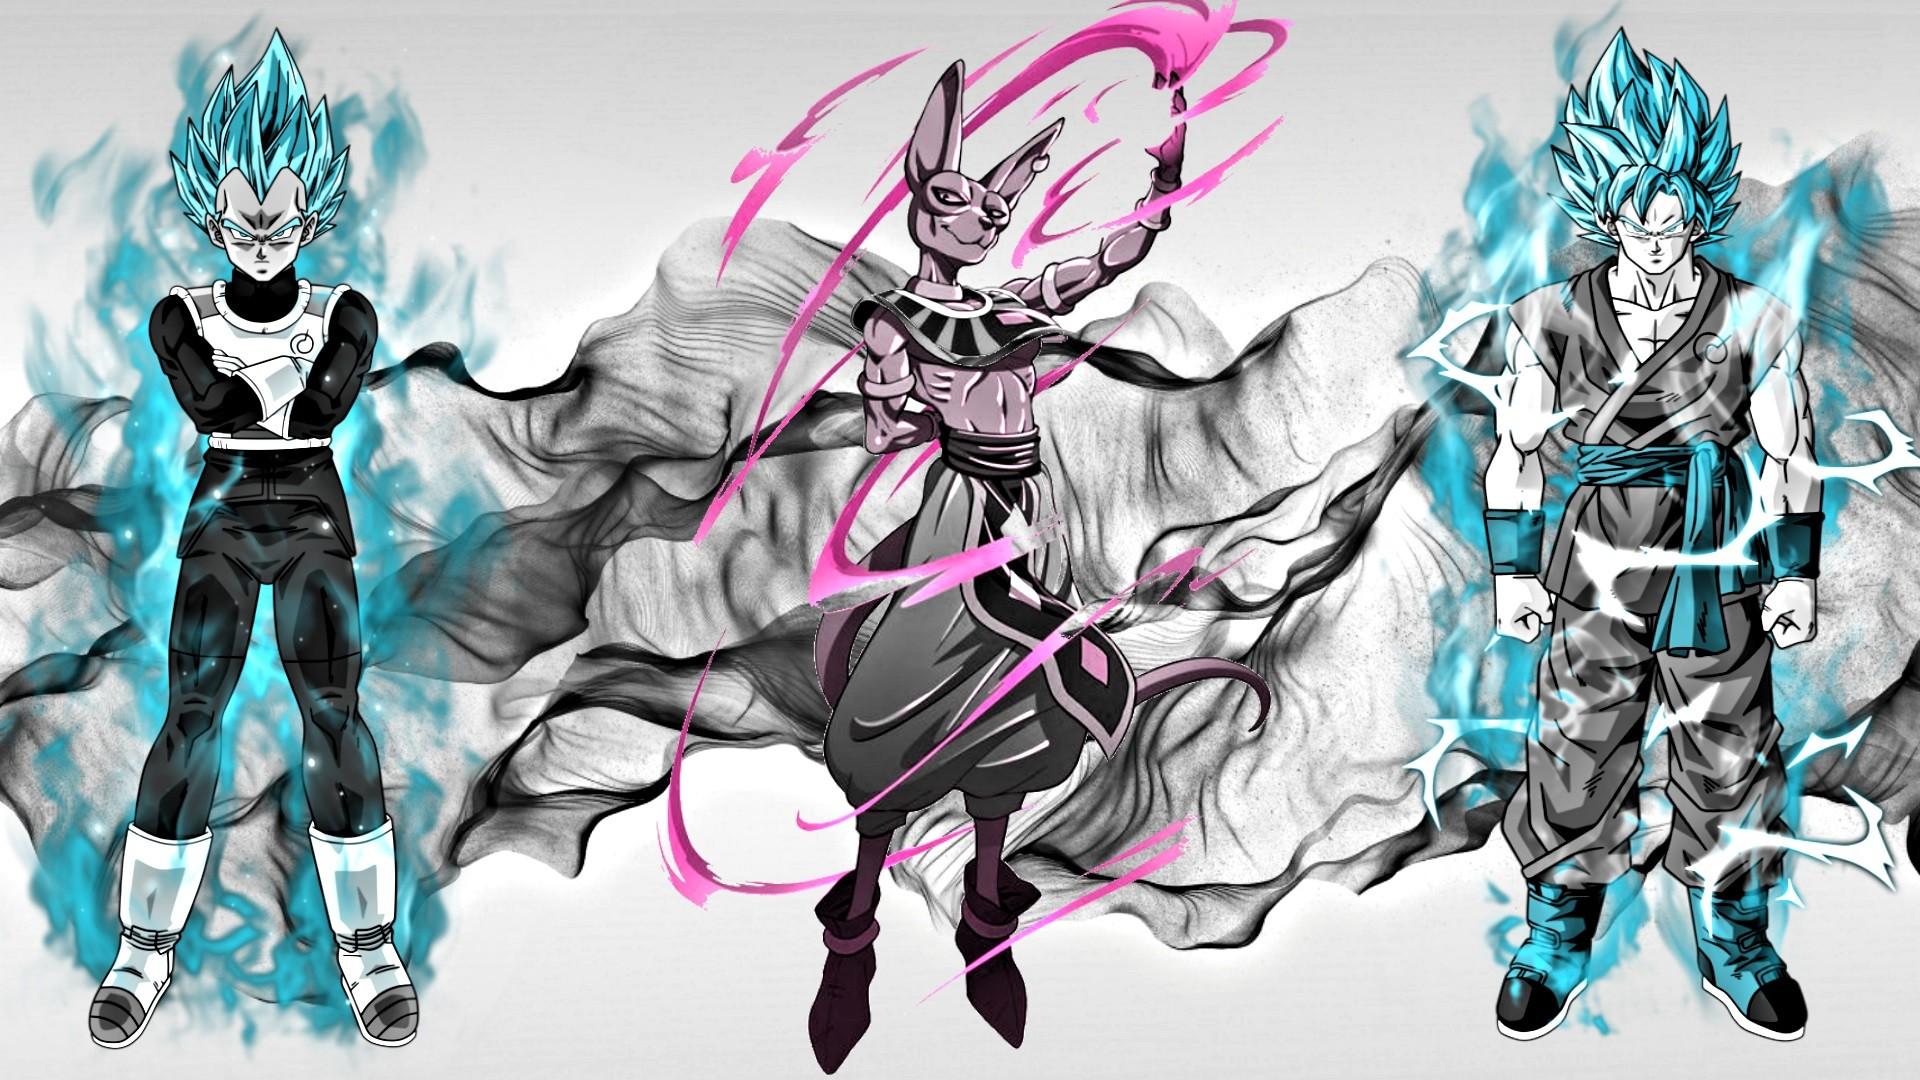 Dragon Ball Super Wallpaper 58 Images